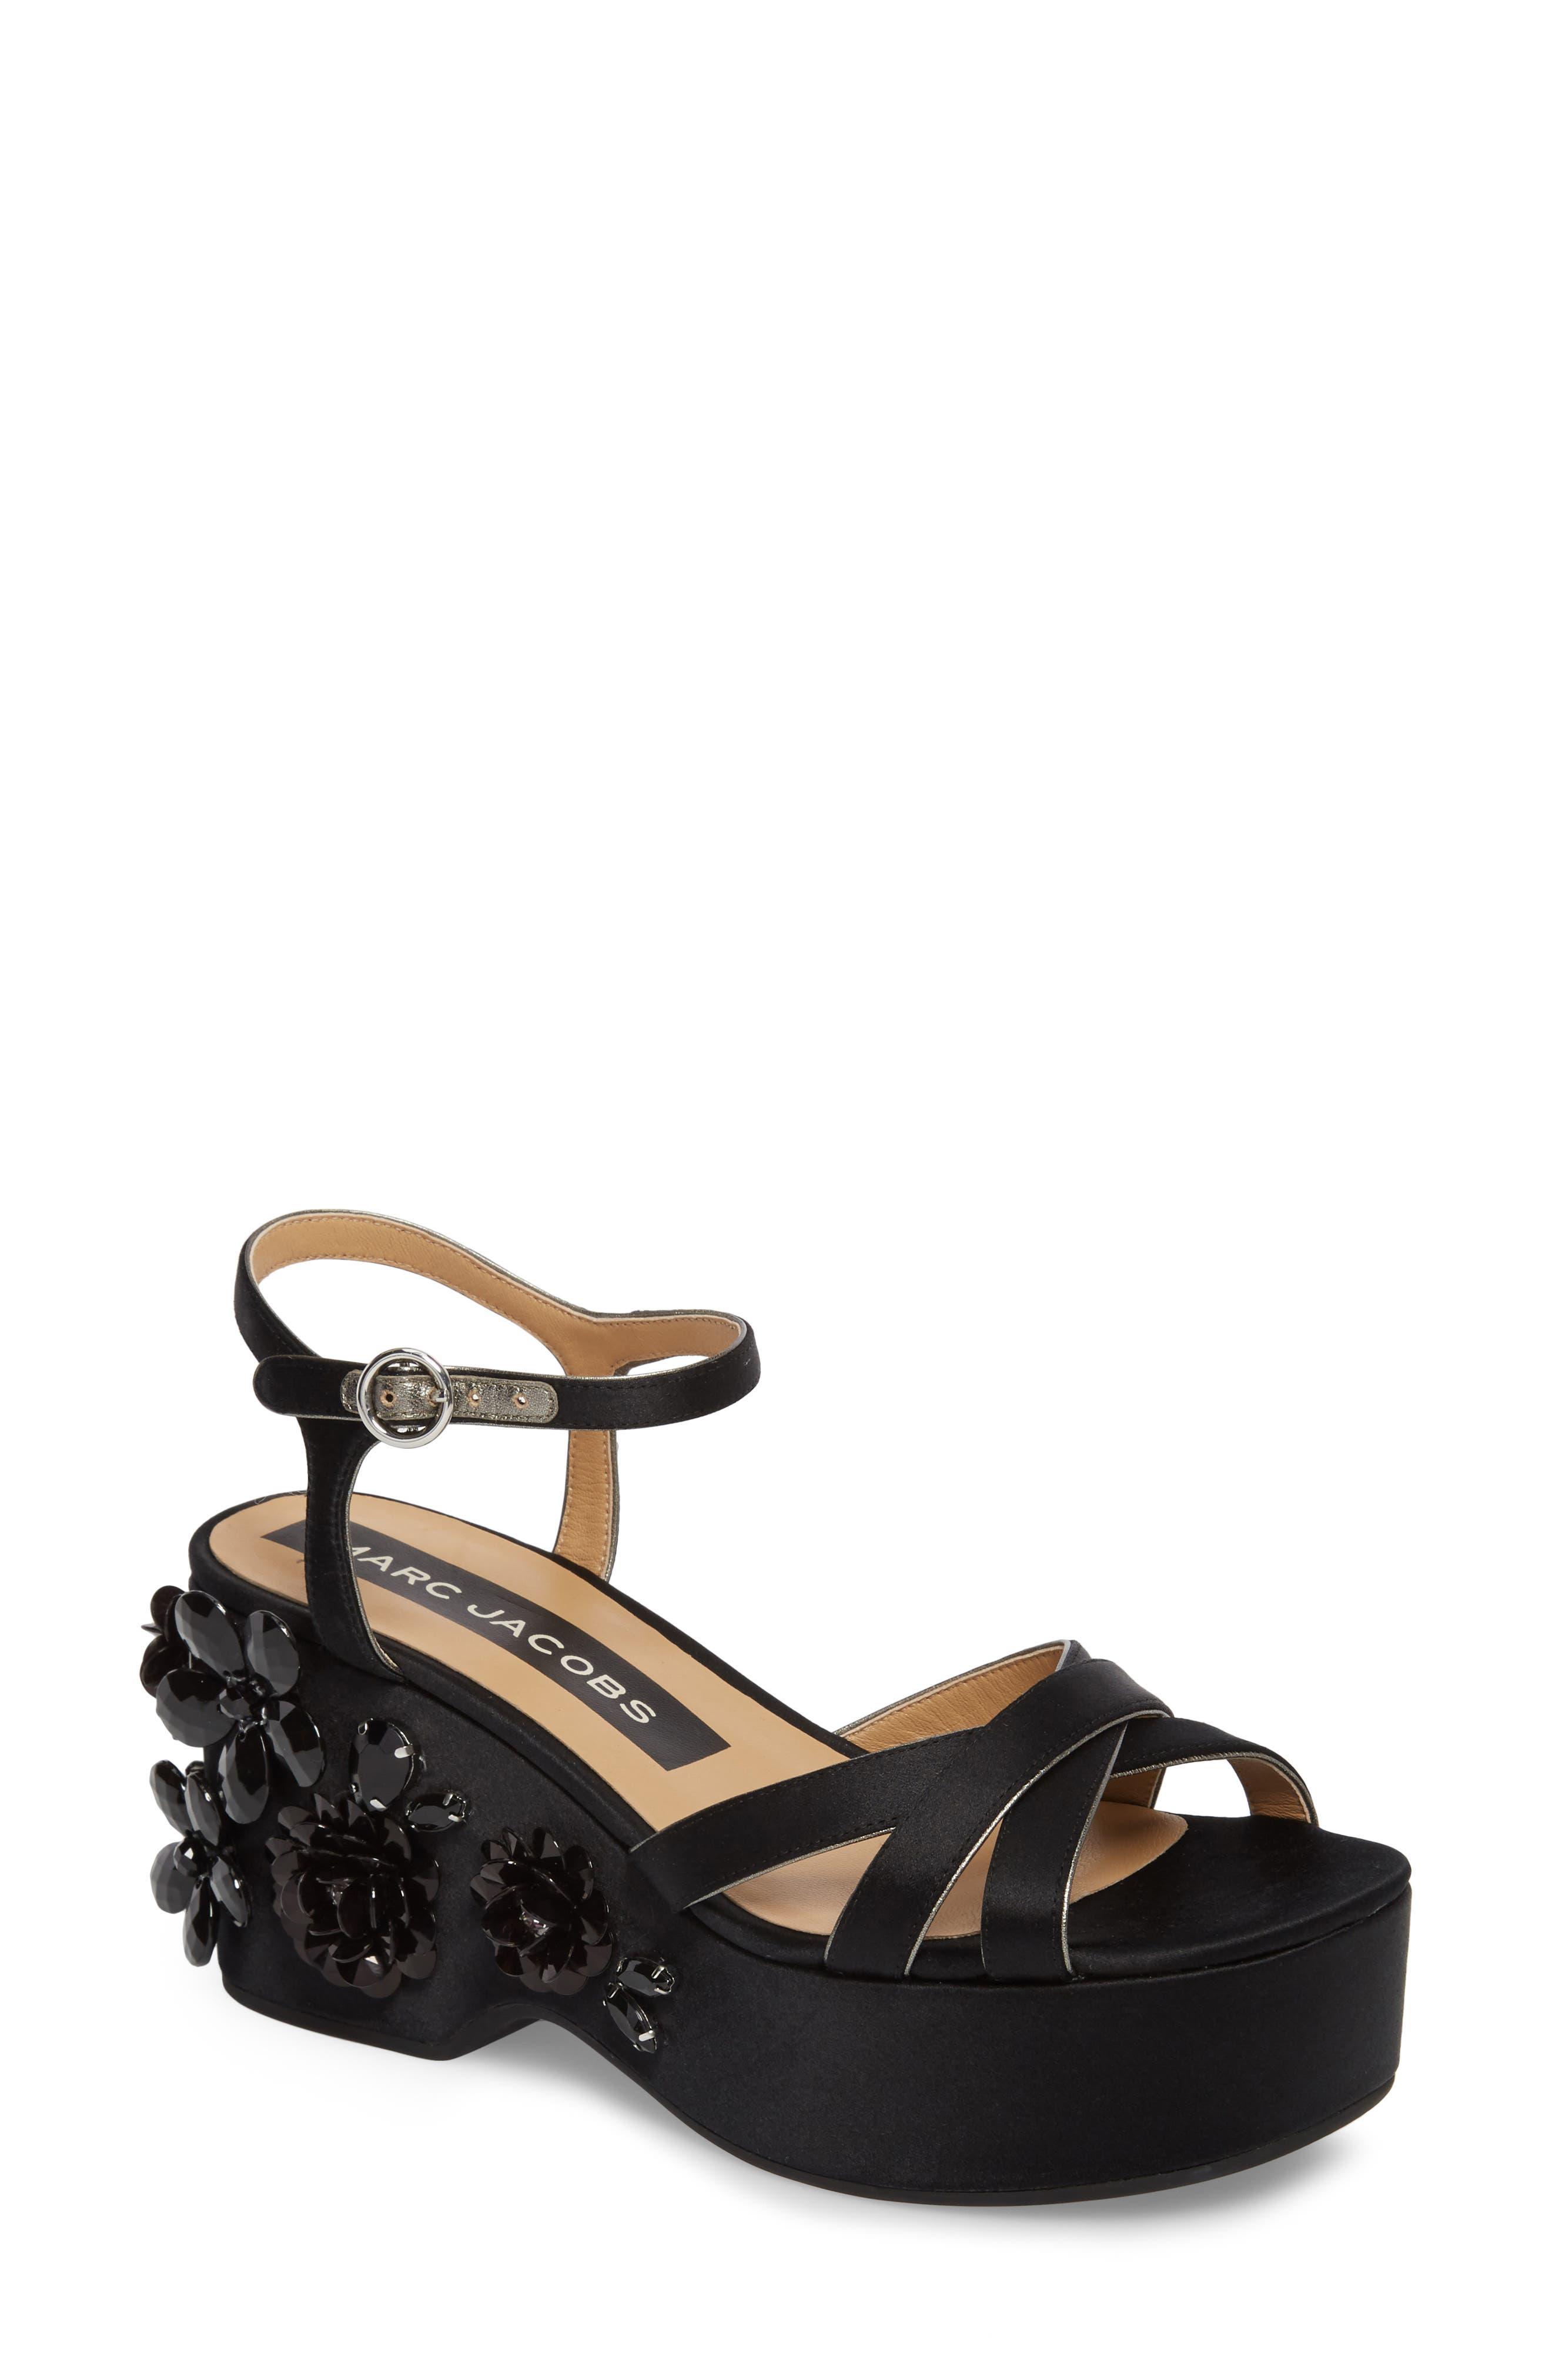 Callie Embellished Platform Sandal,                             Main thumbnail 1, color,                             Black